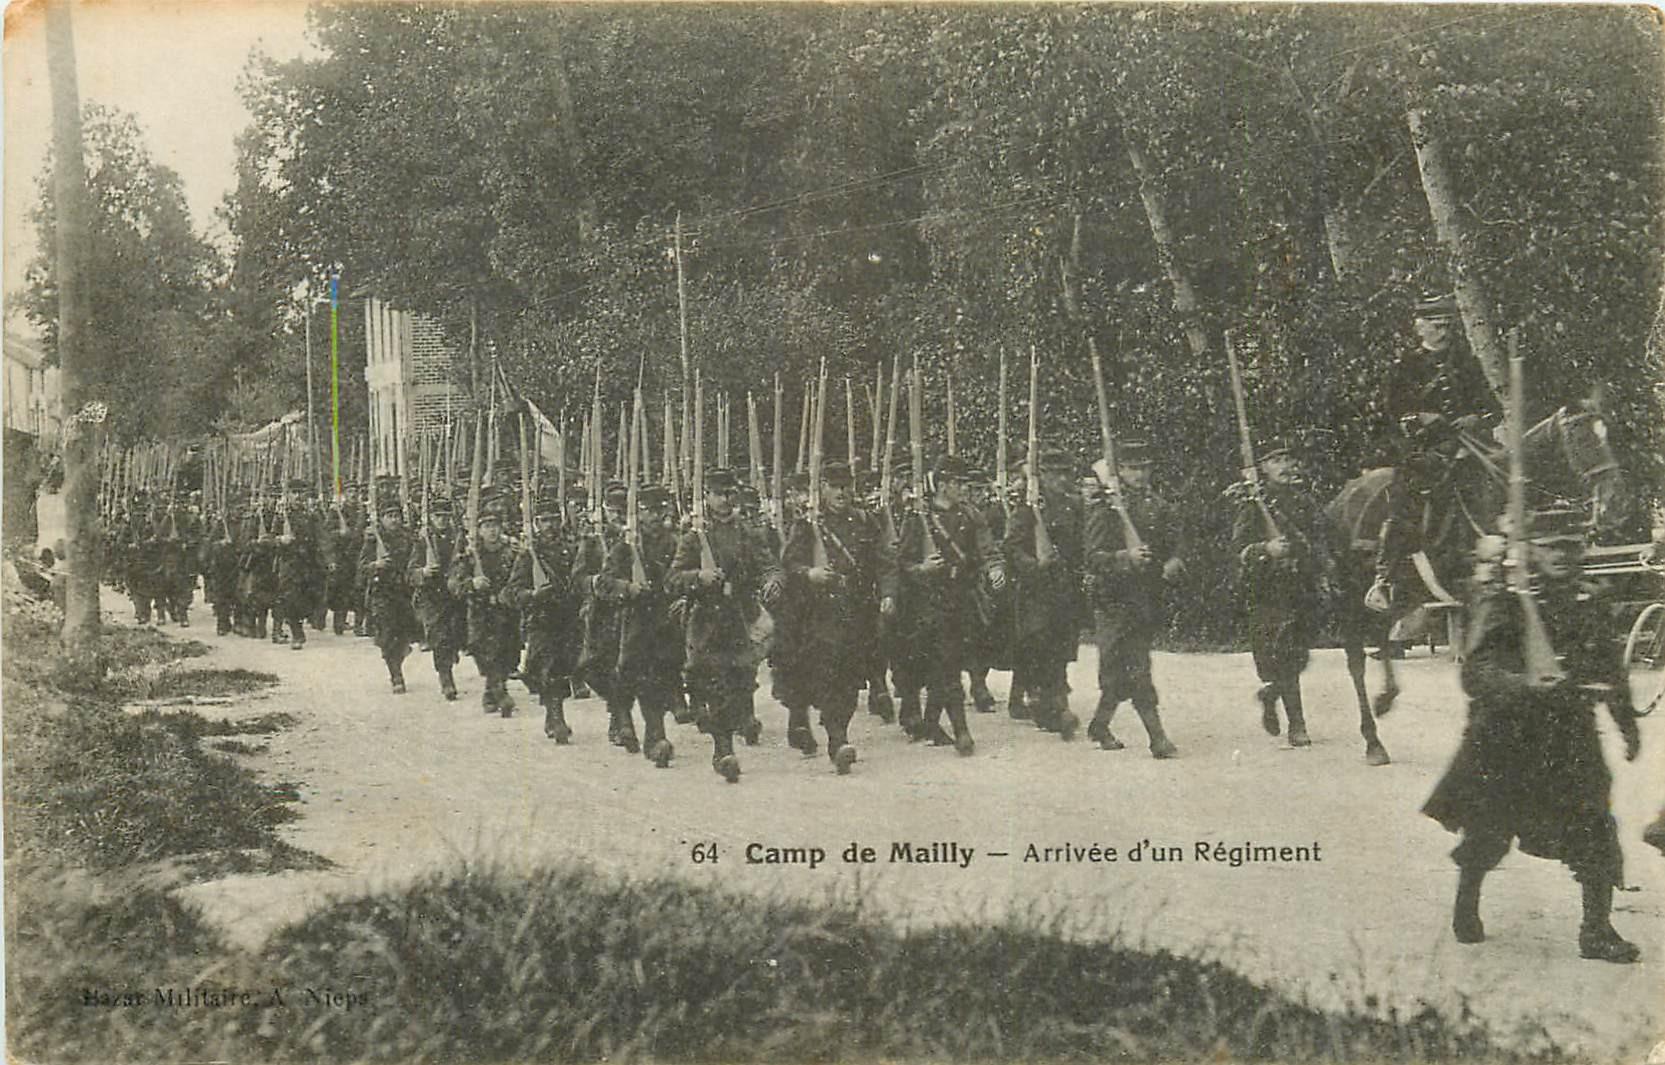 WW 10 CAMP DE MAILLY. Arrivée d'un Régiment de Militaires et Soldats